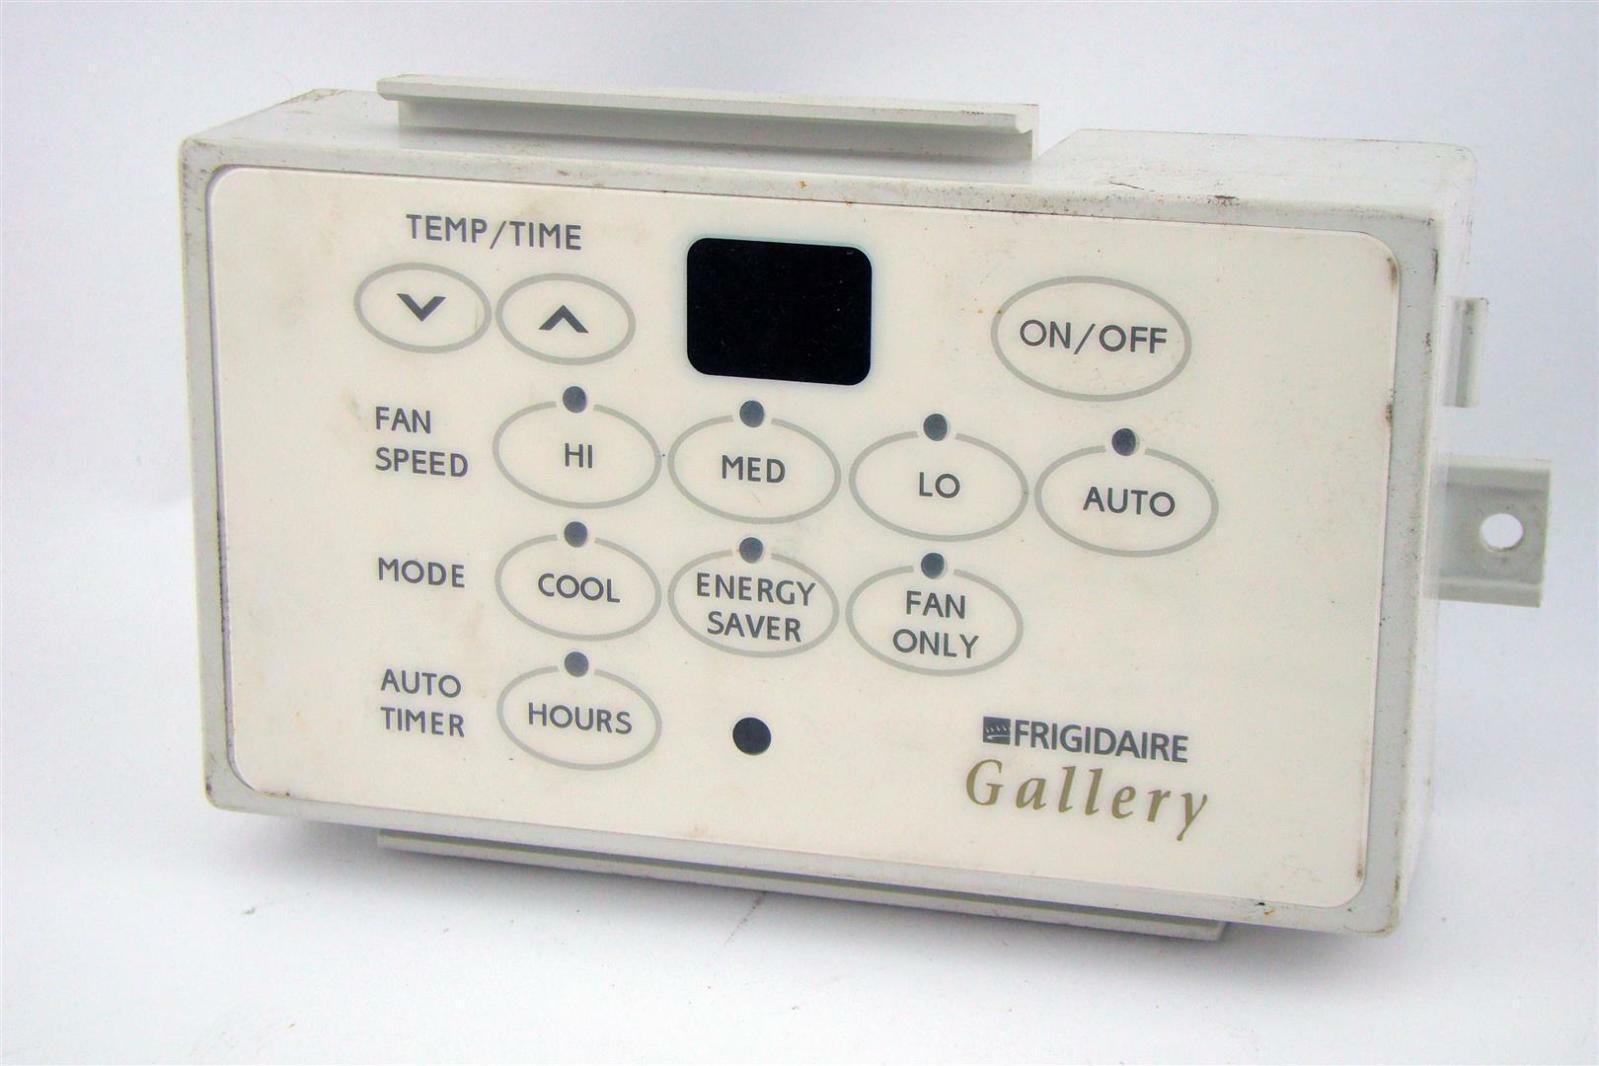 Frigidaire Gallery temperature controller Joseph Fazzio  #07070E